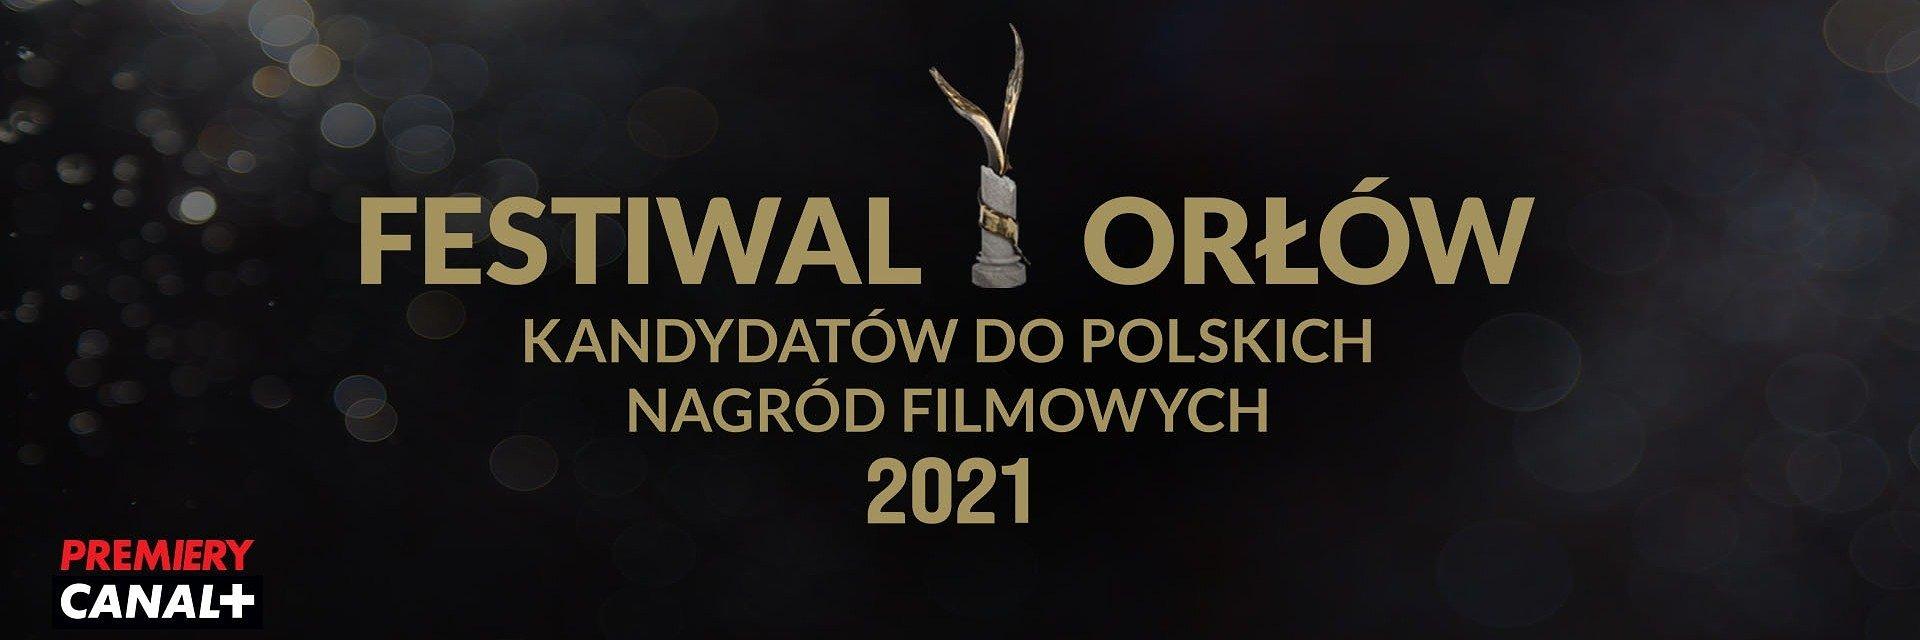 Festiwal Orłów 2021 w serwisie PREMIERY CANAL+ i CANAL+ online! CANAL+ oficjalnym nadawcą Polskich Nagród Filmowych